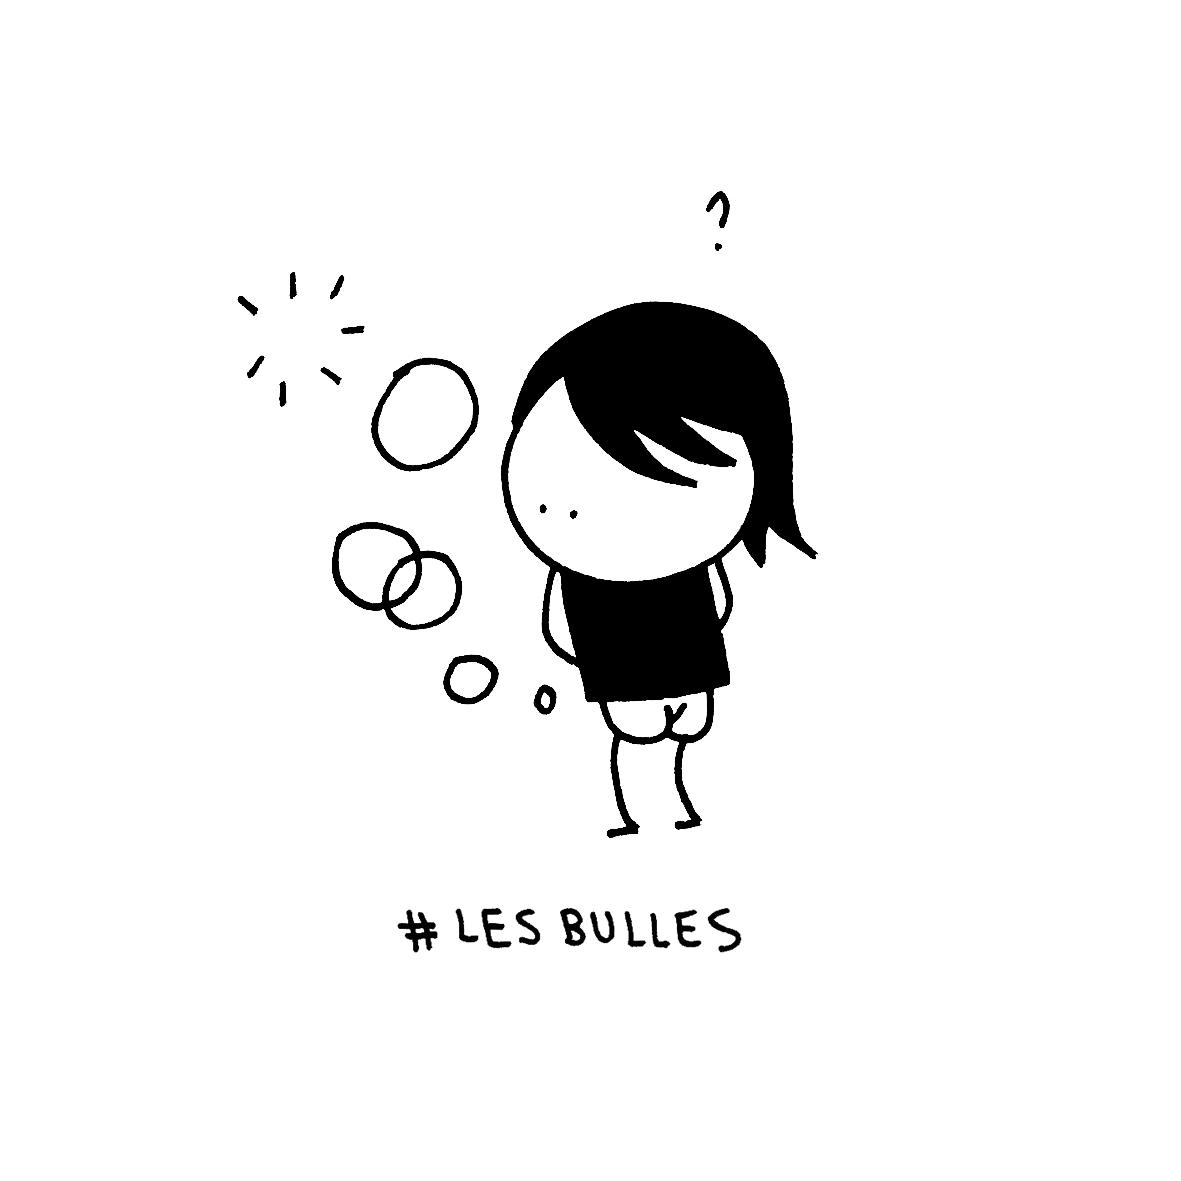 11-les bulles.jpg